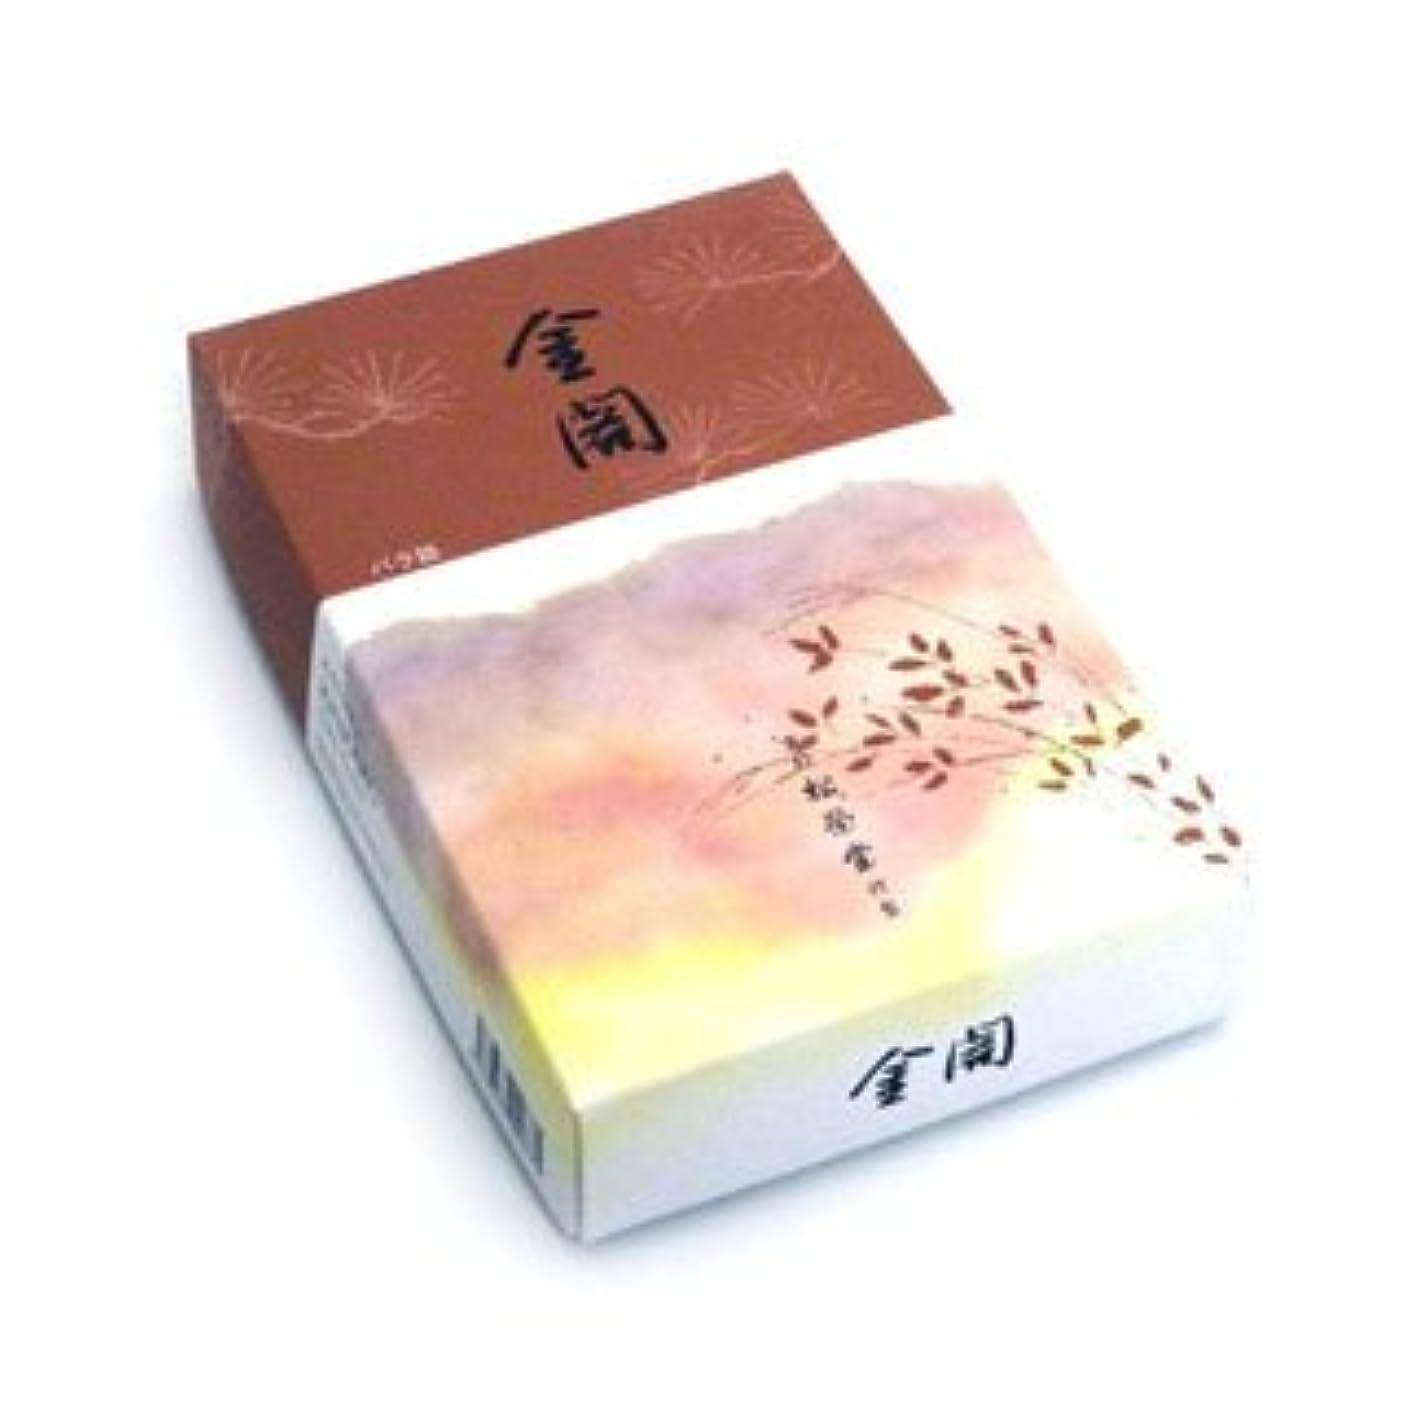 お金マニア違法Shoyeido's Golden Pavilion Incense 450 Sticks - Kin-kaku, New.